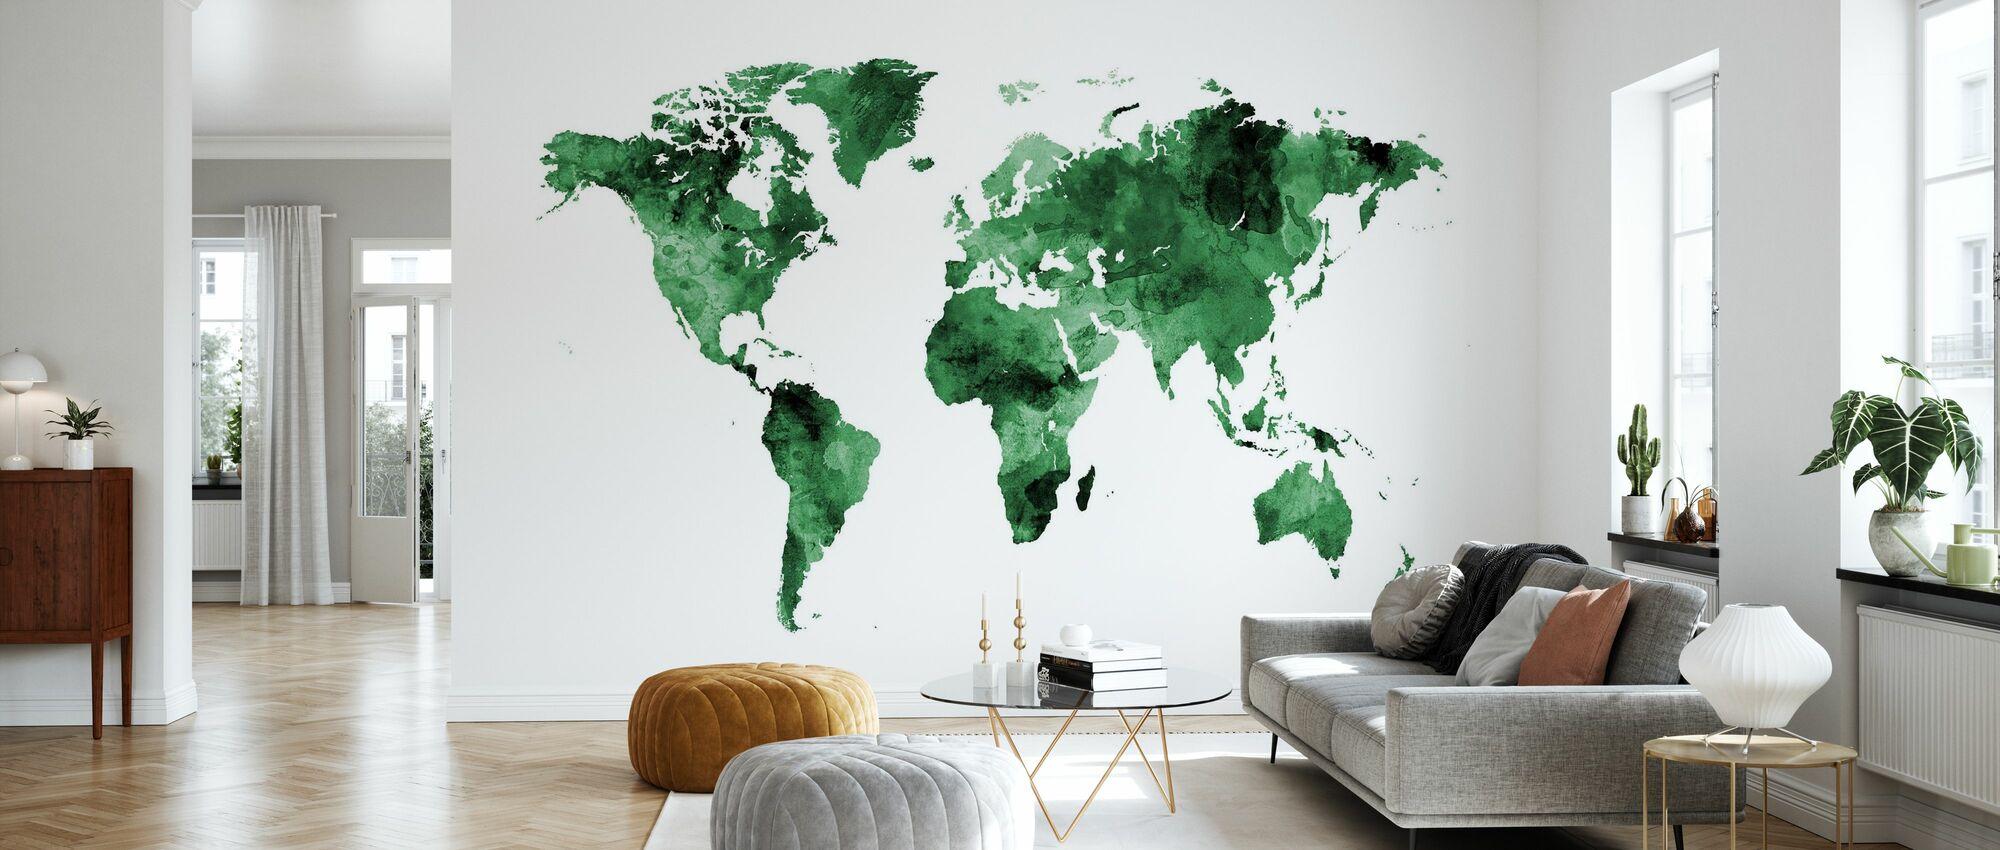 Aquarel Wereld Kaart Groen - Behang - Woonkamer